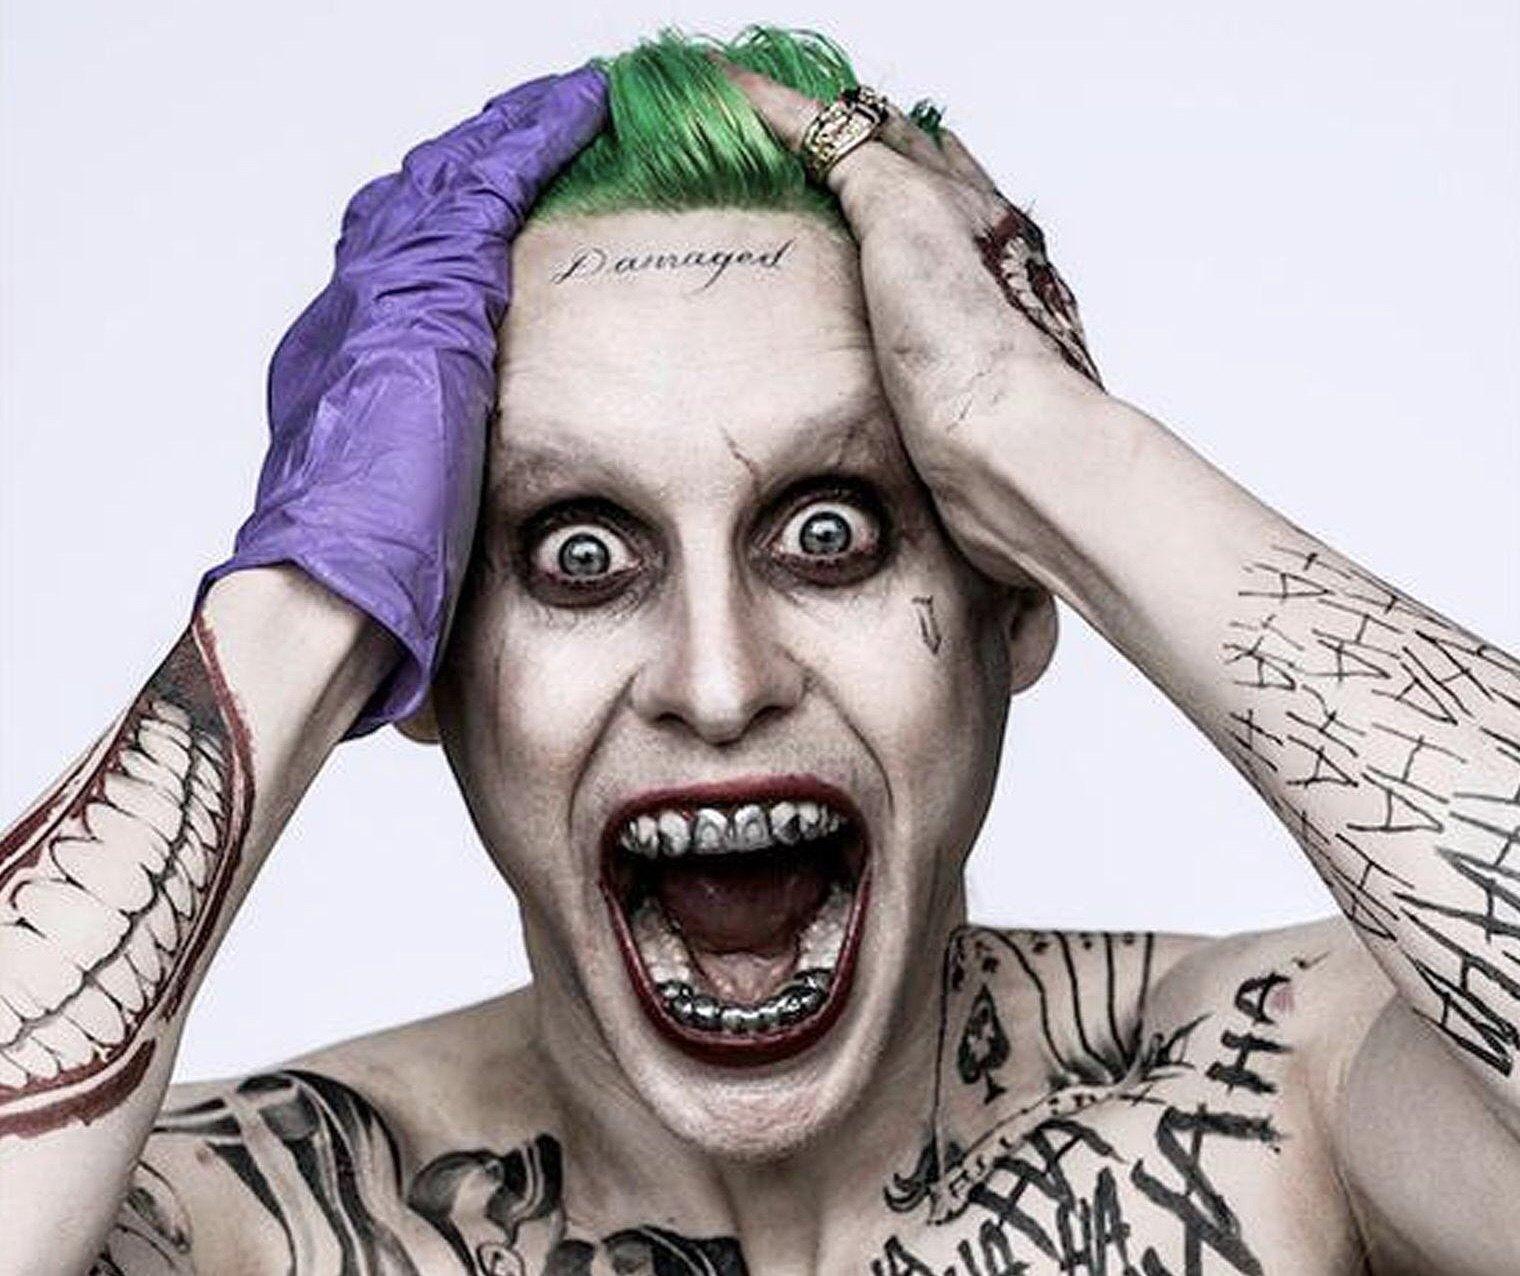 杰瑞德·莱托版小丑将出现在扎克·施耐德剪辑版《正义联盟》中